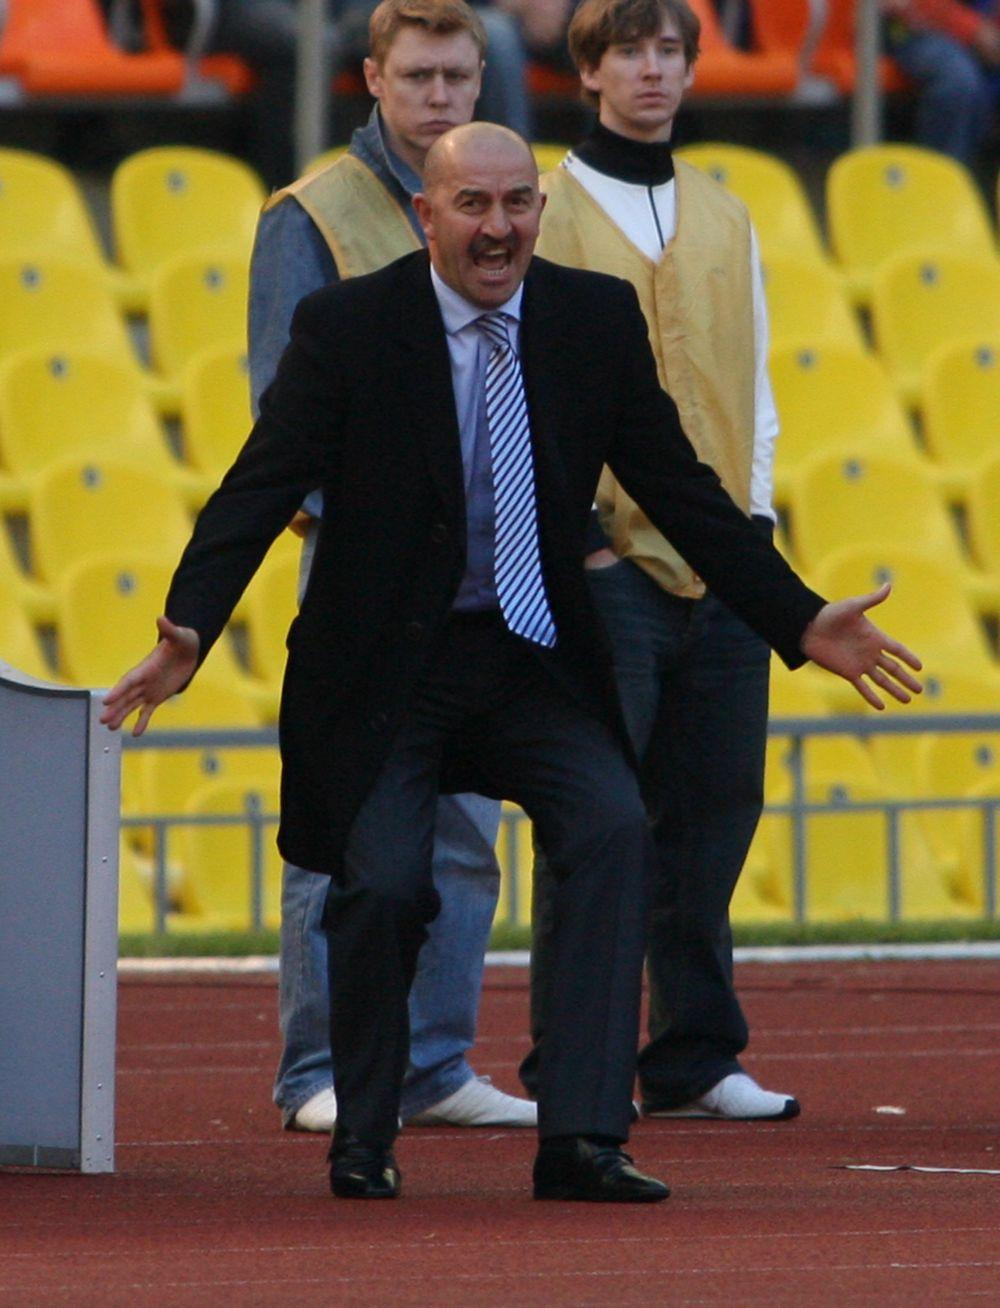 С октября 2015 года Черчесов работал главным тренером варшавской «Легии». Под руководством 52-летнего специалиста клуб в прошедшем сезоне выиграл чемпионат Польши и кубок страны.